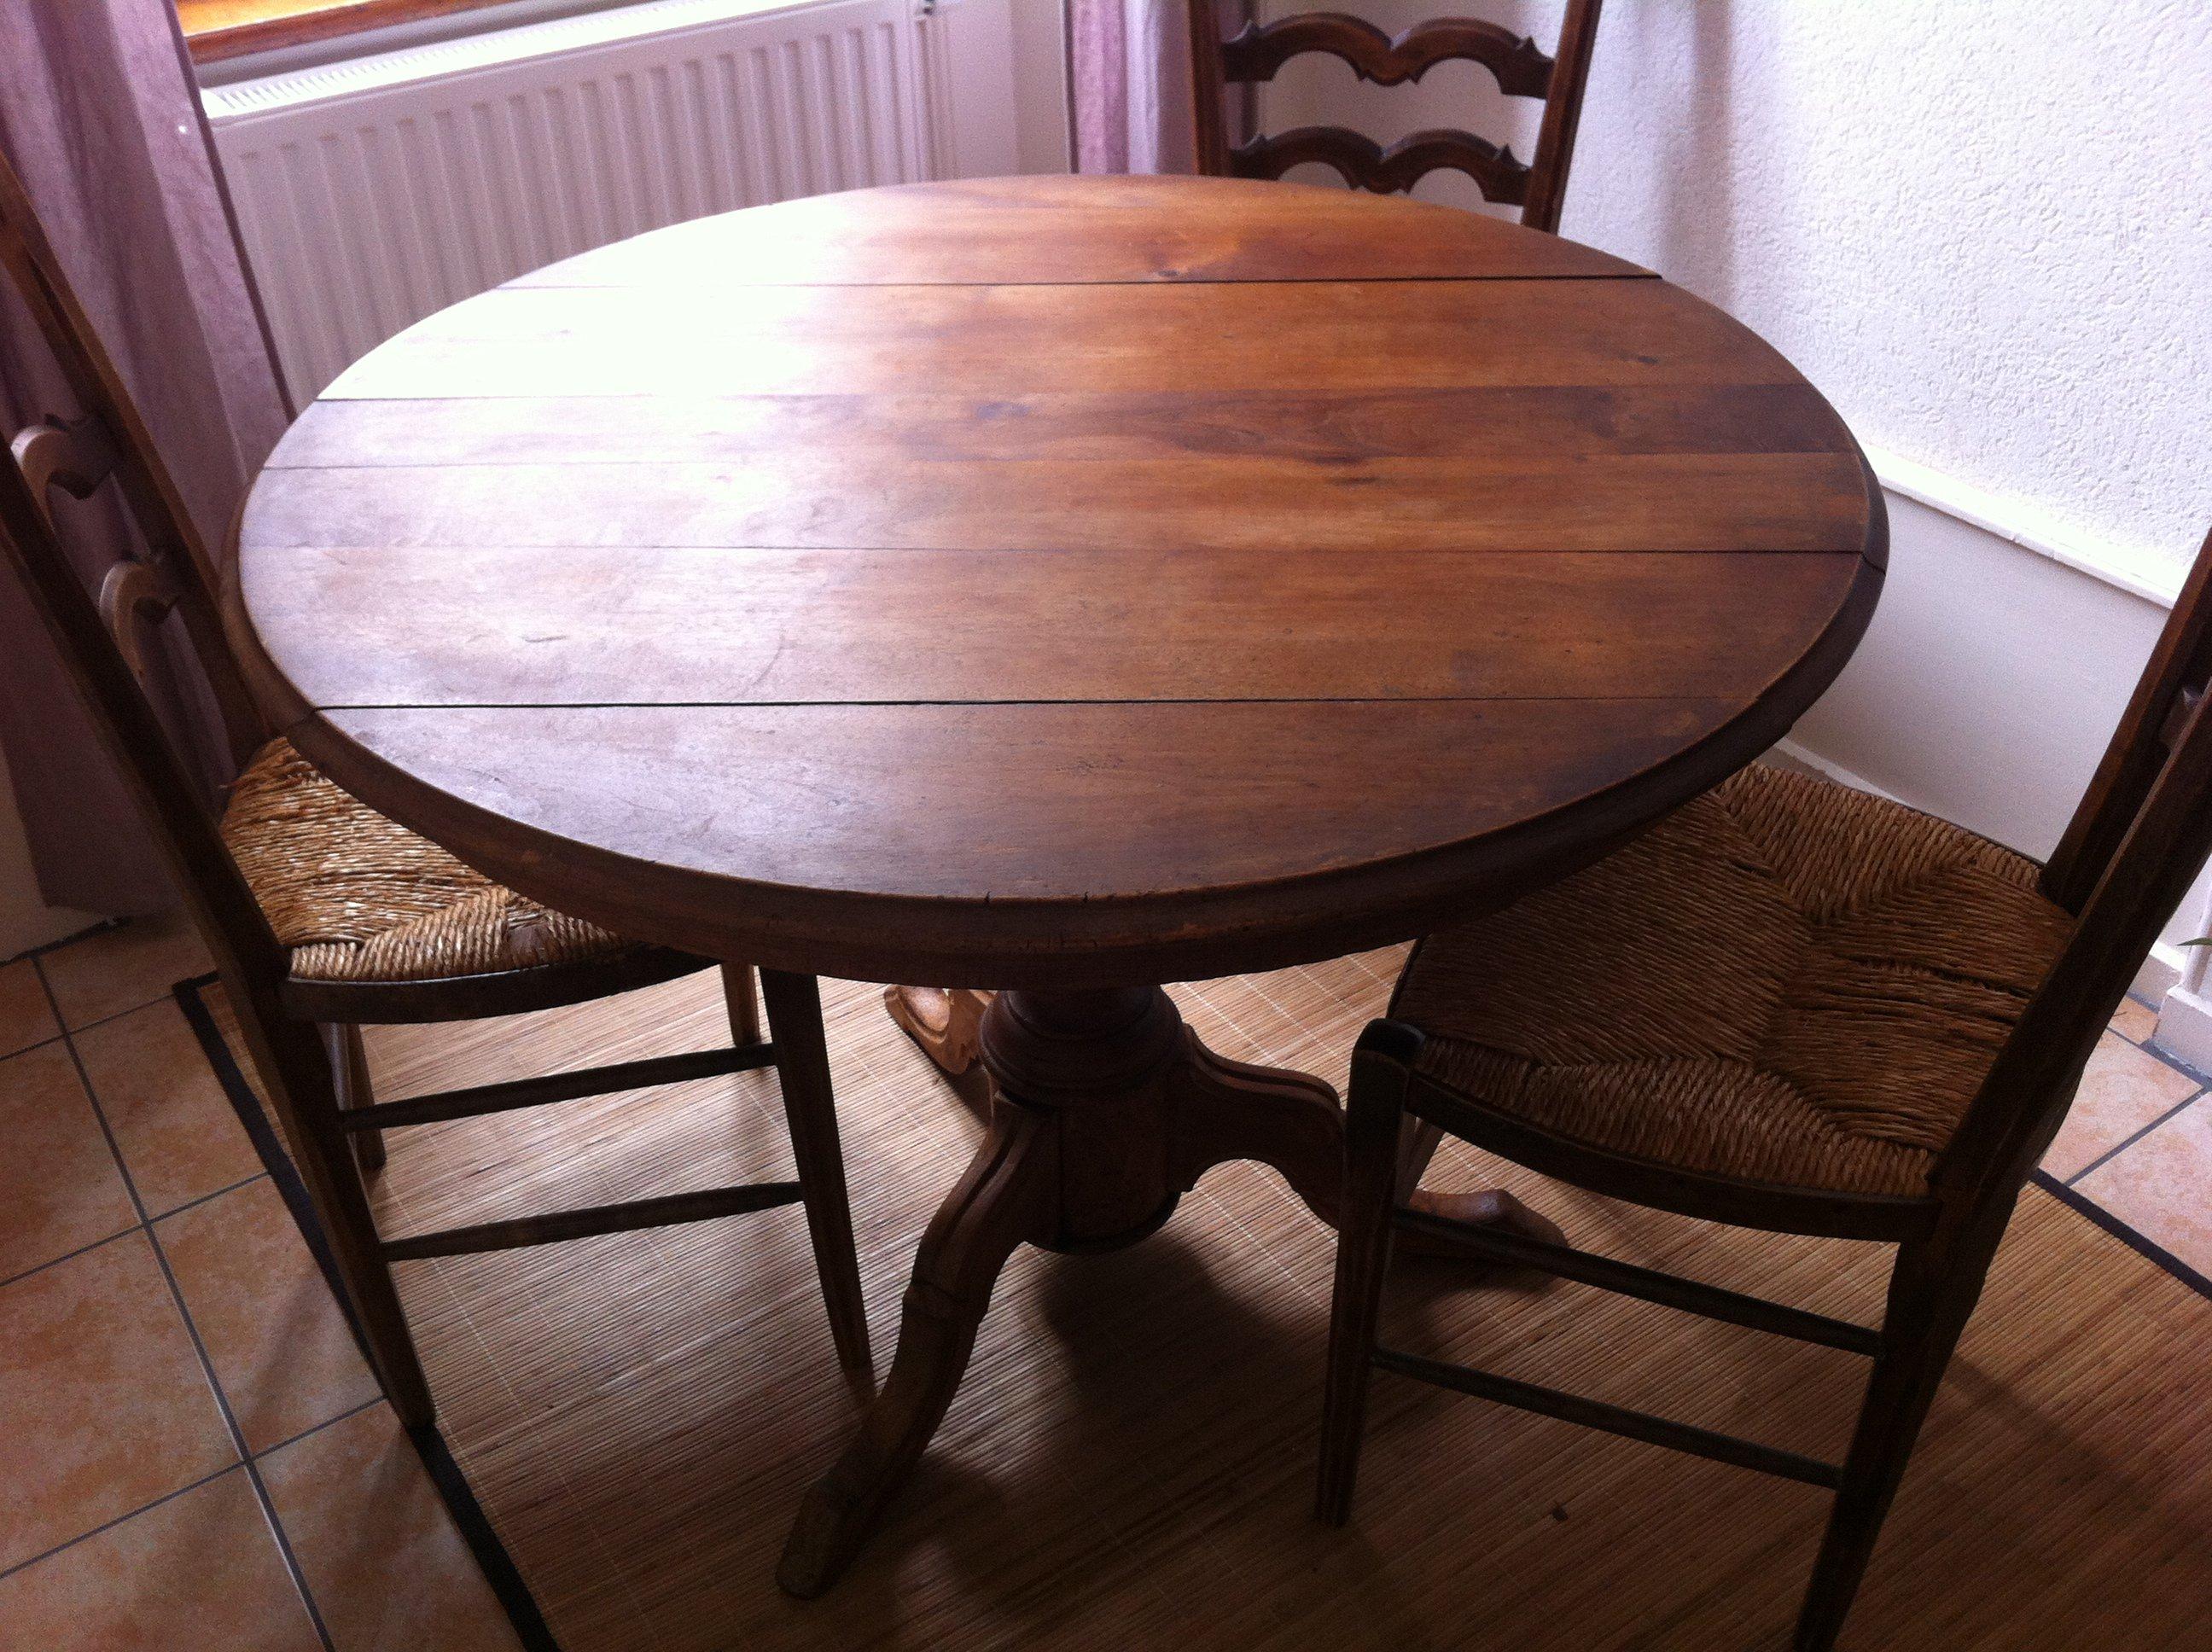 Style De Chaises Anciennes chaises modernes (design) avec une table ancienne (photos